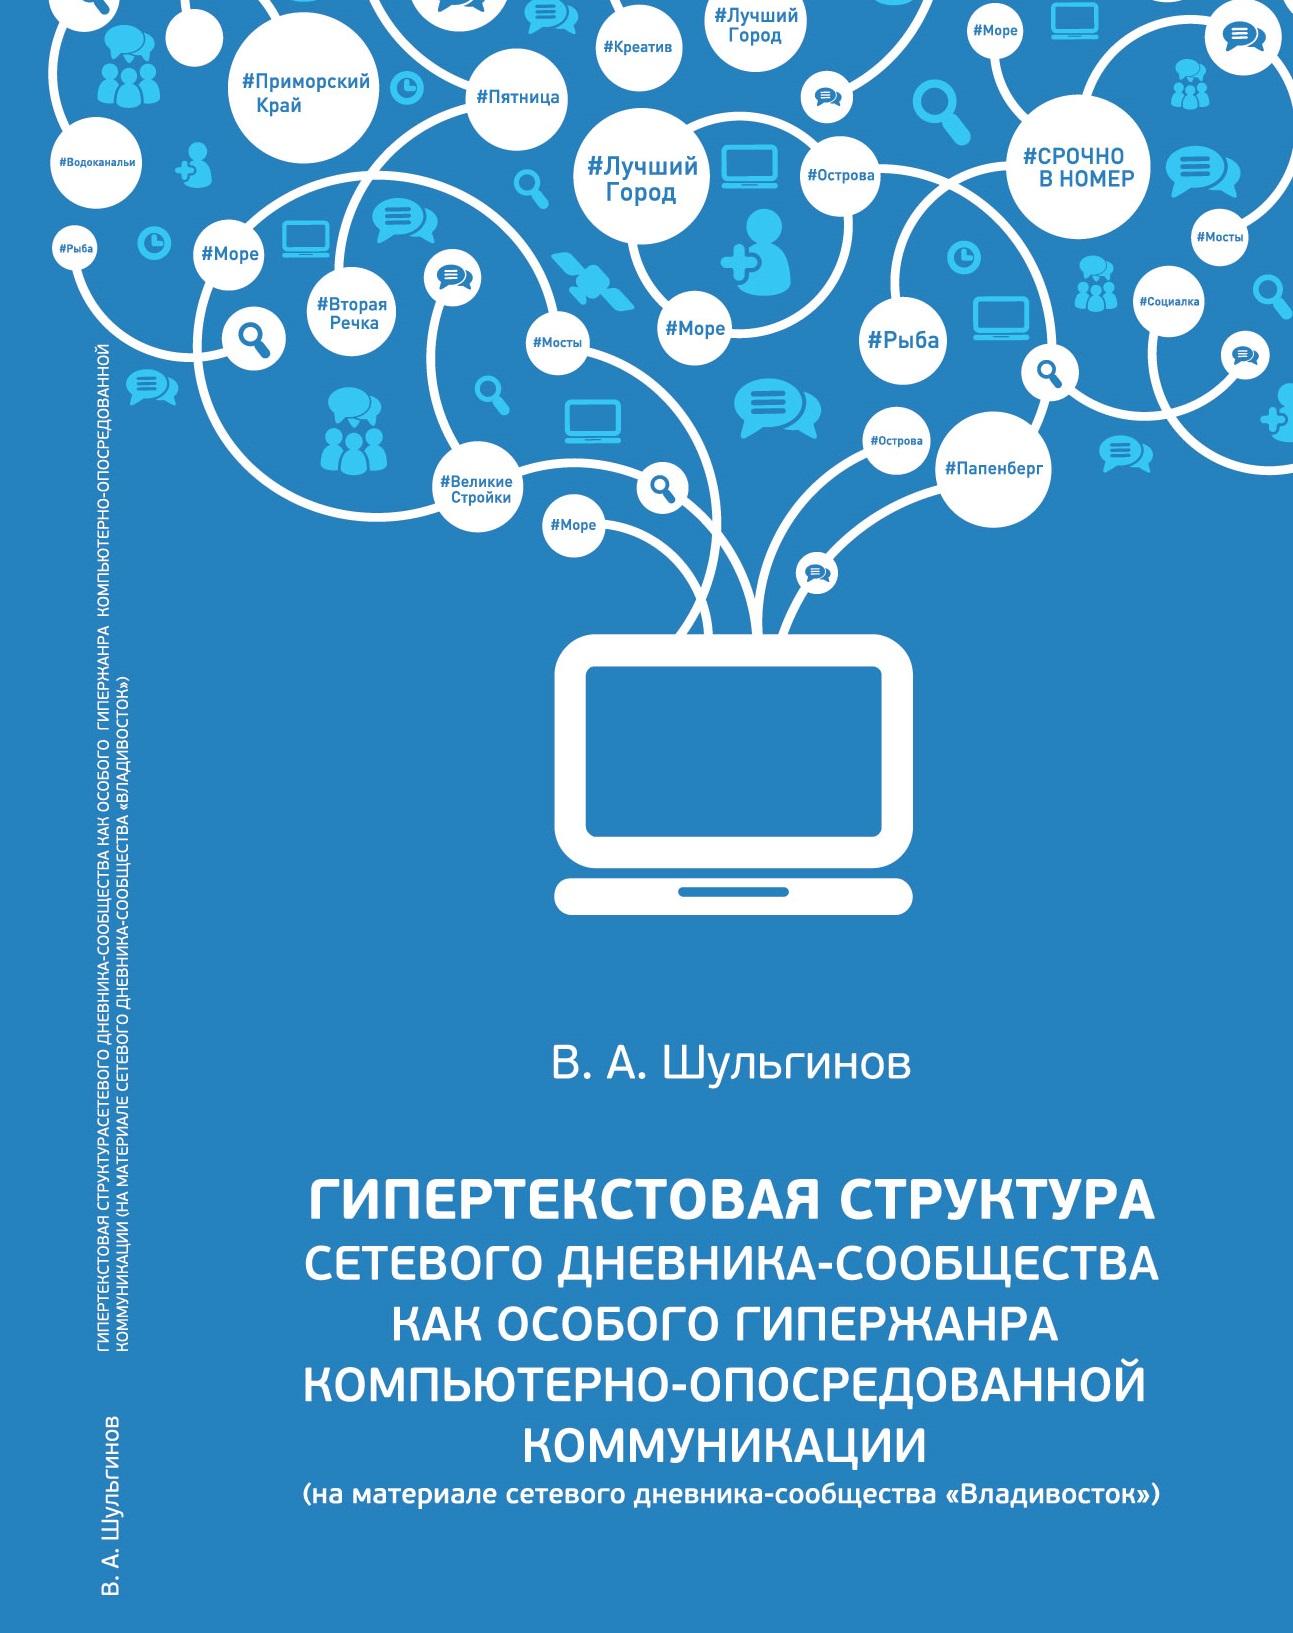 Гипертекстовая структура сетевого дневника-сообщества как особого гипержанра компьютерно-опосредованной коммуникации (на материале сетевого дневника-сообщества «ВЛАДИВОСТОК»):